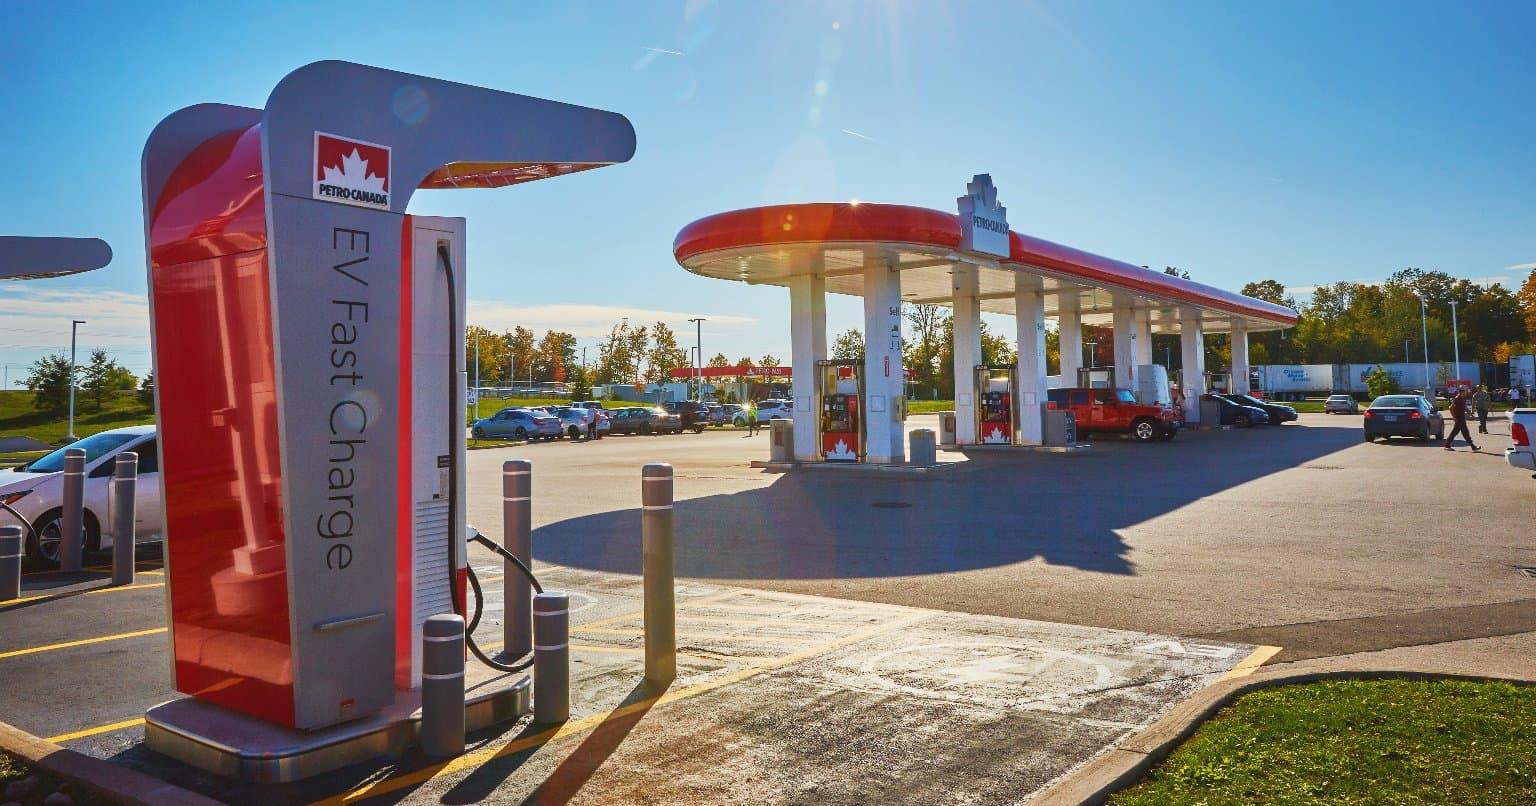 Borne de recharge rapide pour véhicules électriques de Petro-Canada